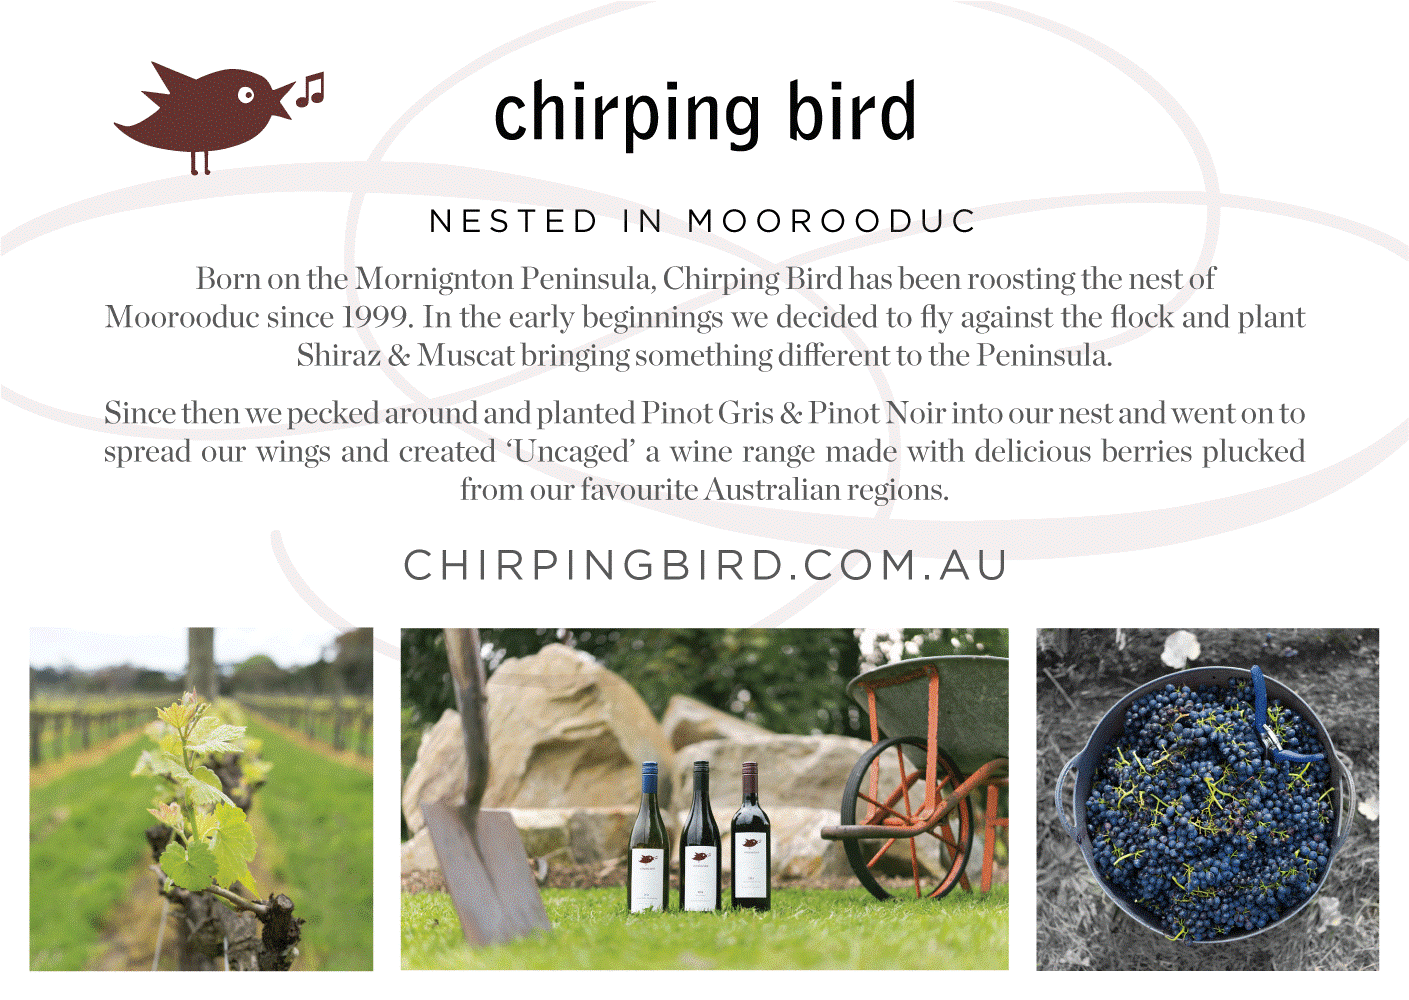 https://www.chirpingbird.com.au/